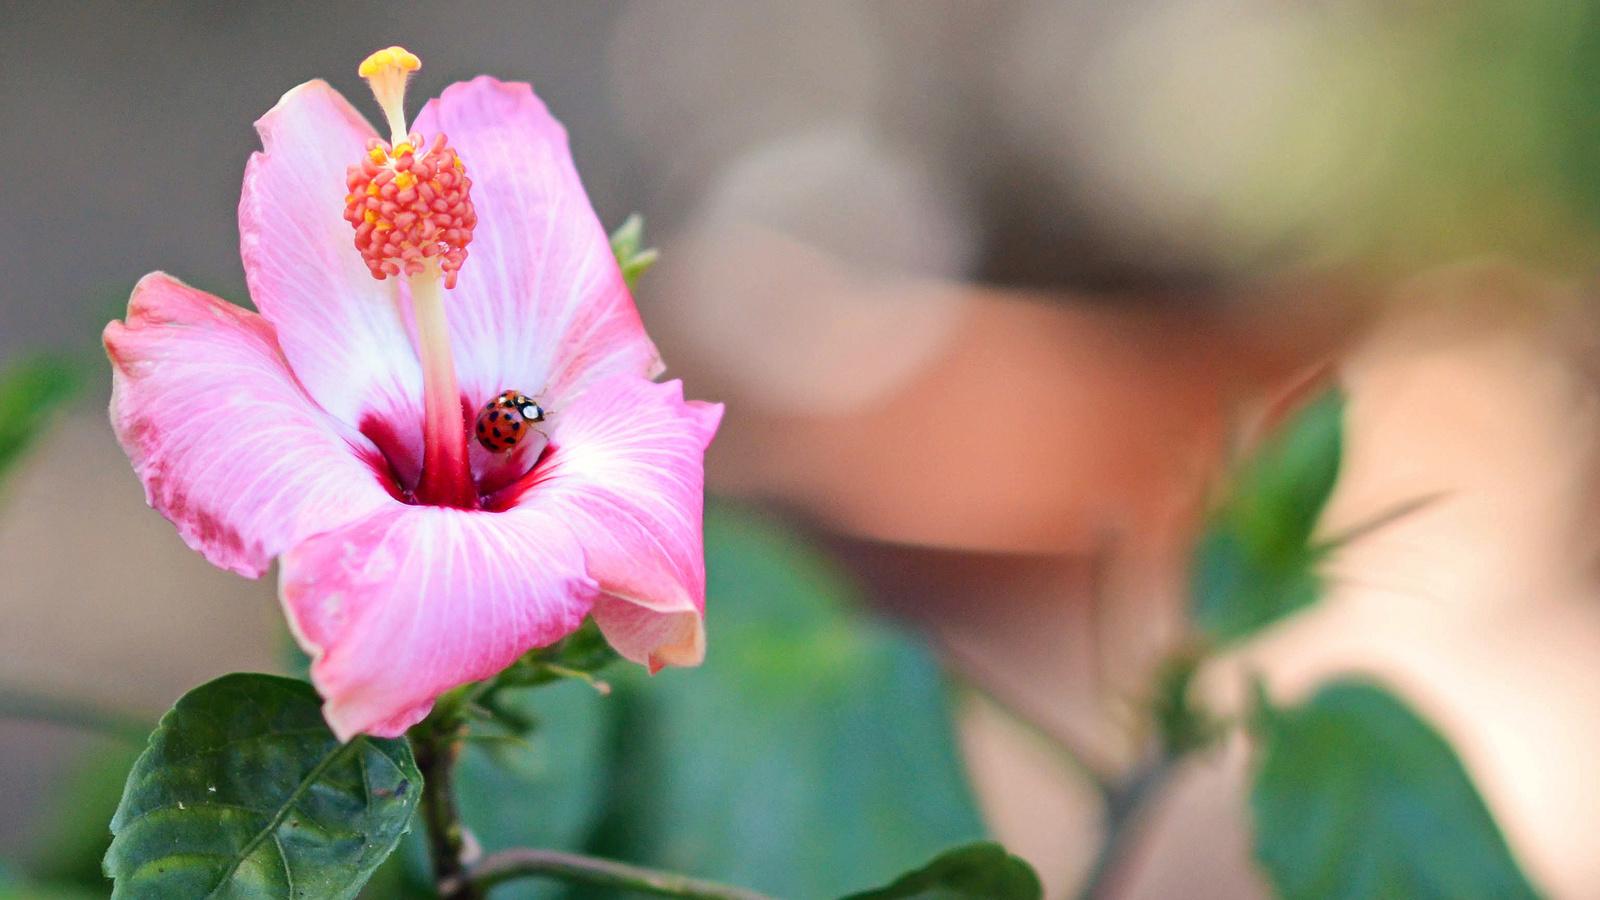 макро, цветок, гибискус, божья коровка, боке, пестик